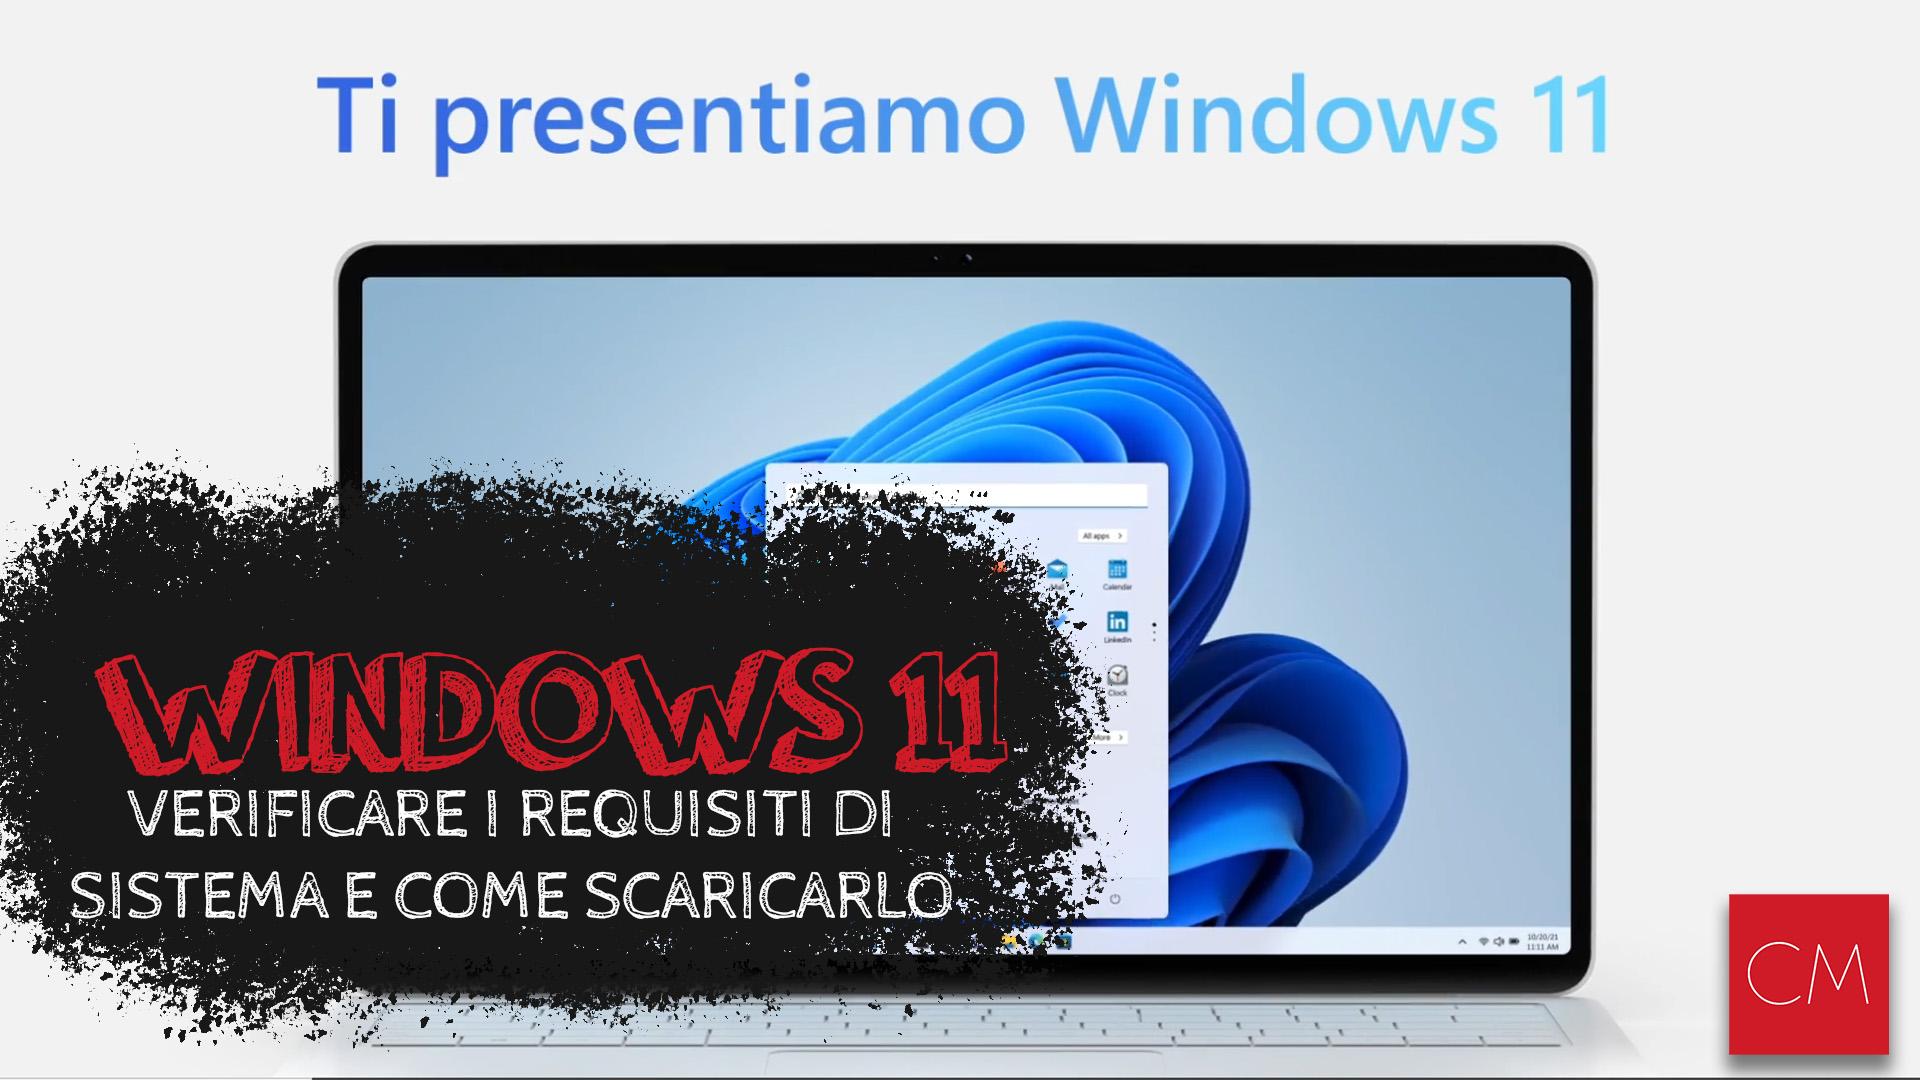 Windows 11 – Verificare i requisiti di sistema e come scaricarlo